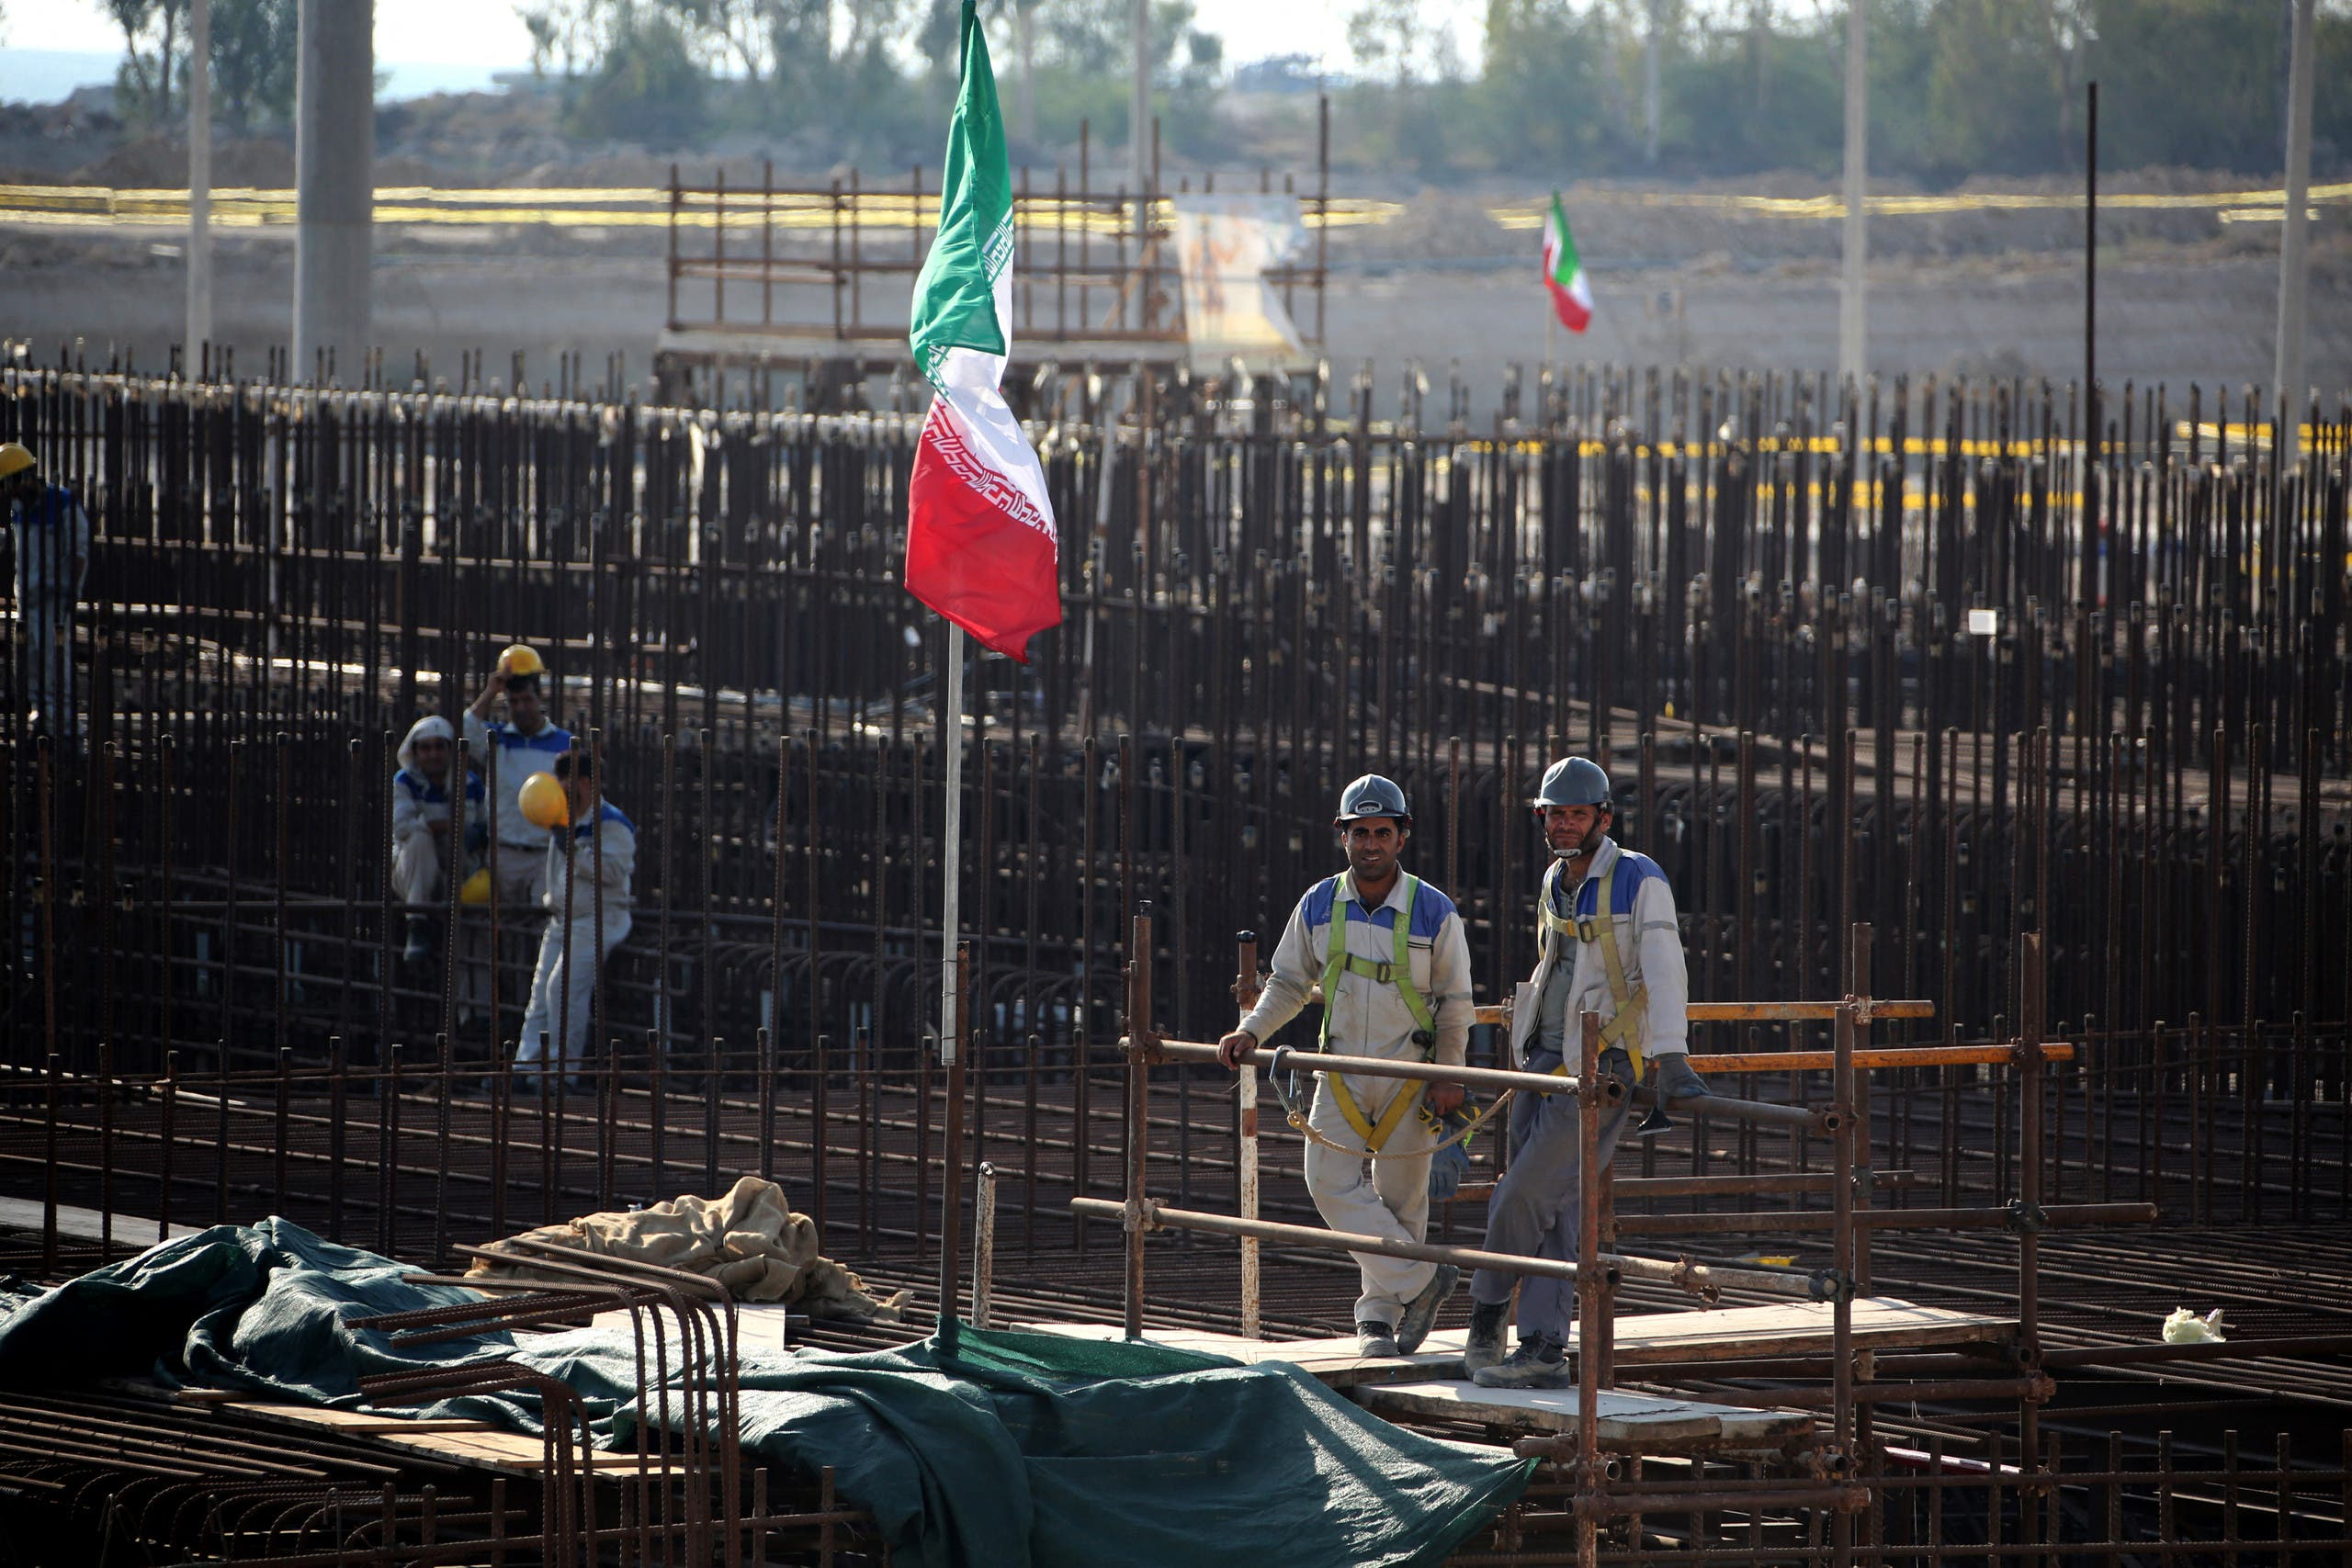 عمال عند موقع مفاعل بوشهر النووي في إيران (أرشيفية-فرانس برس)